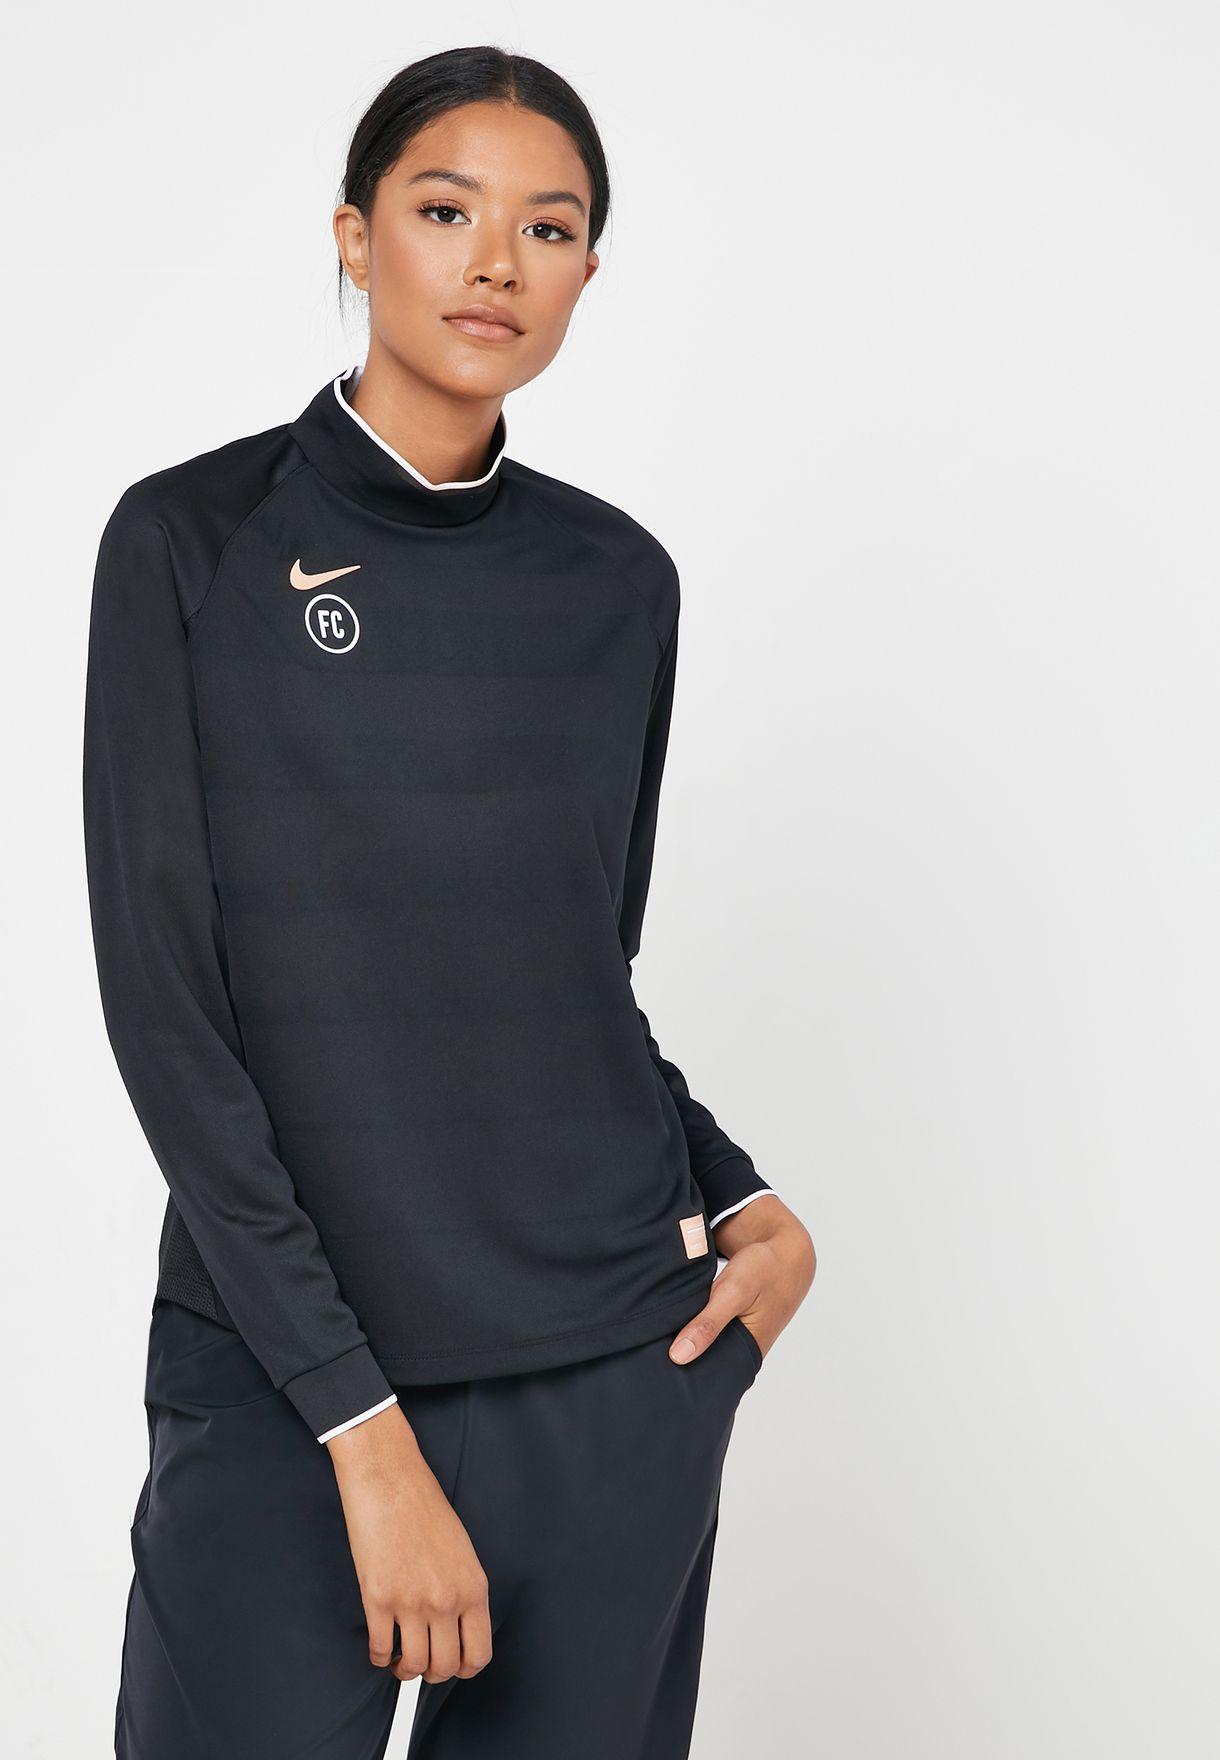 Dri-FIT F.C. Sweatshirt